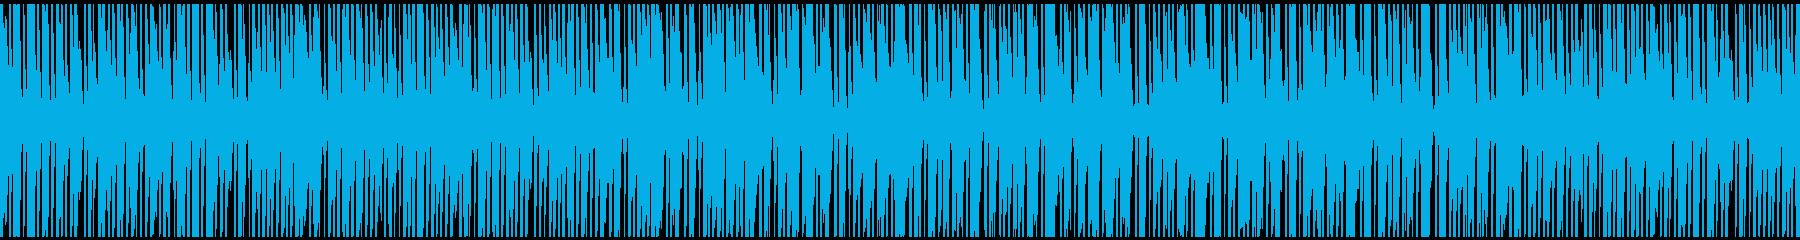 ラテンダンスインストゥルメンタルの再生済みの波形